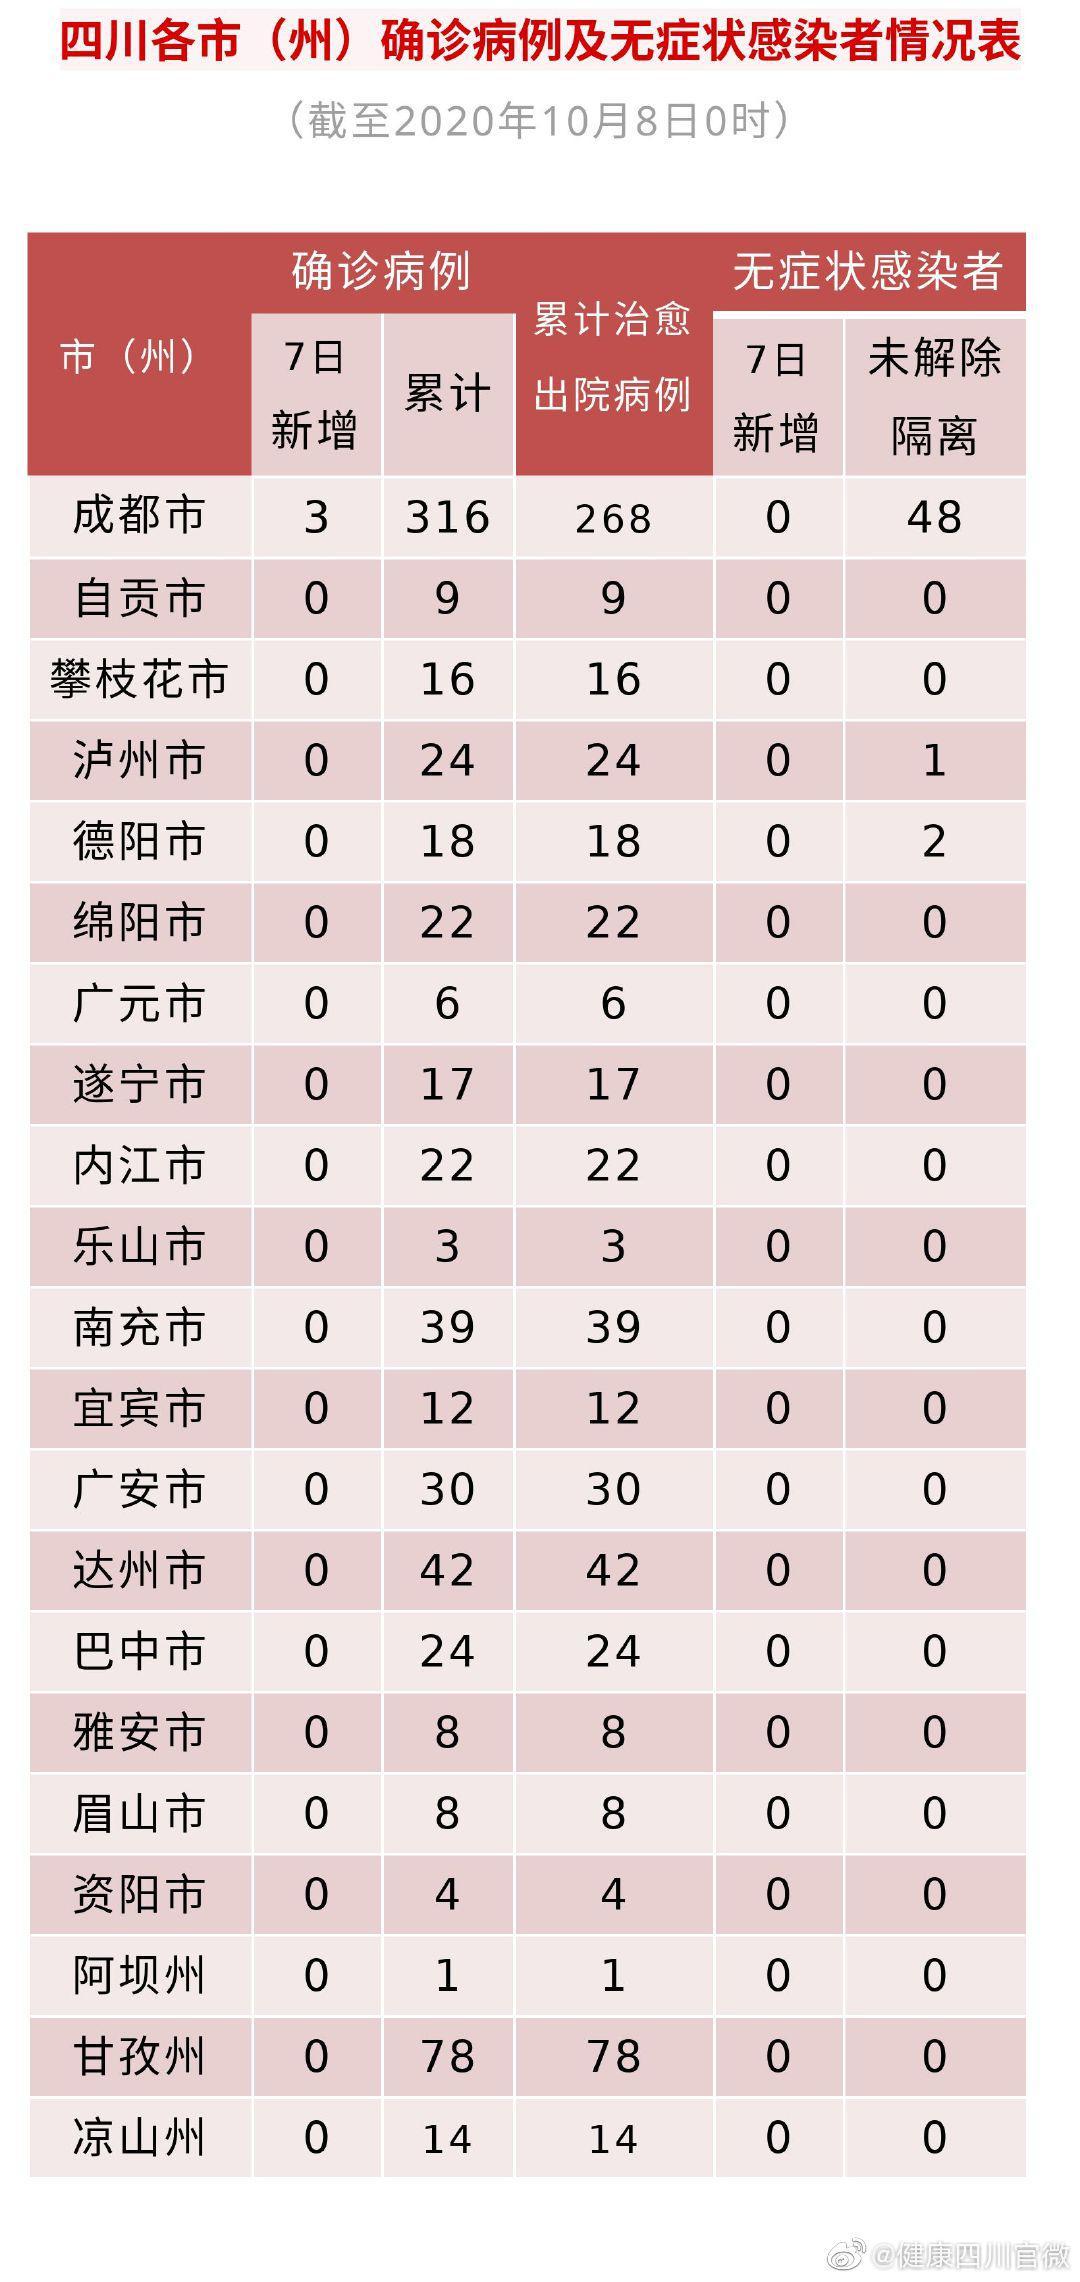 四川7日新增确诊病例3例 均为境外输入图片